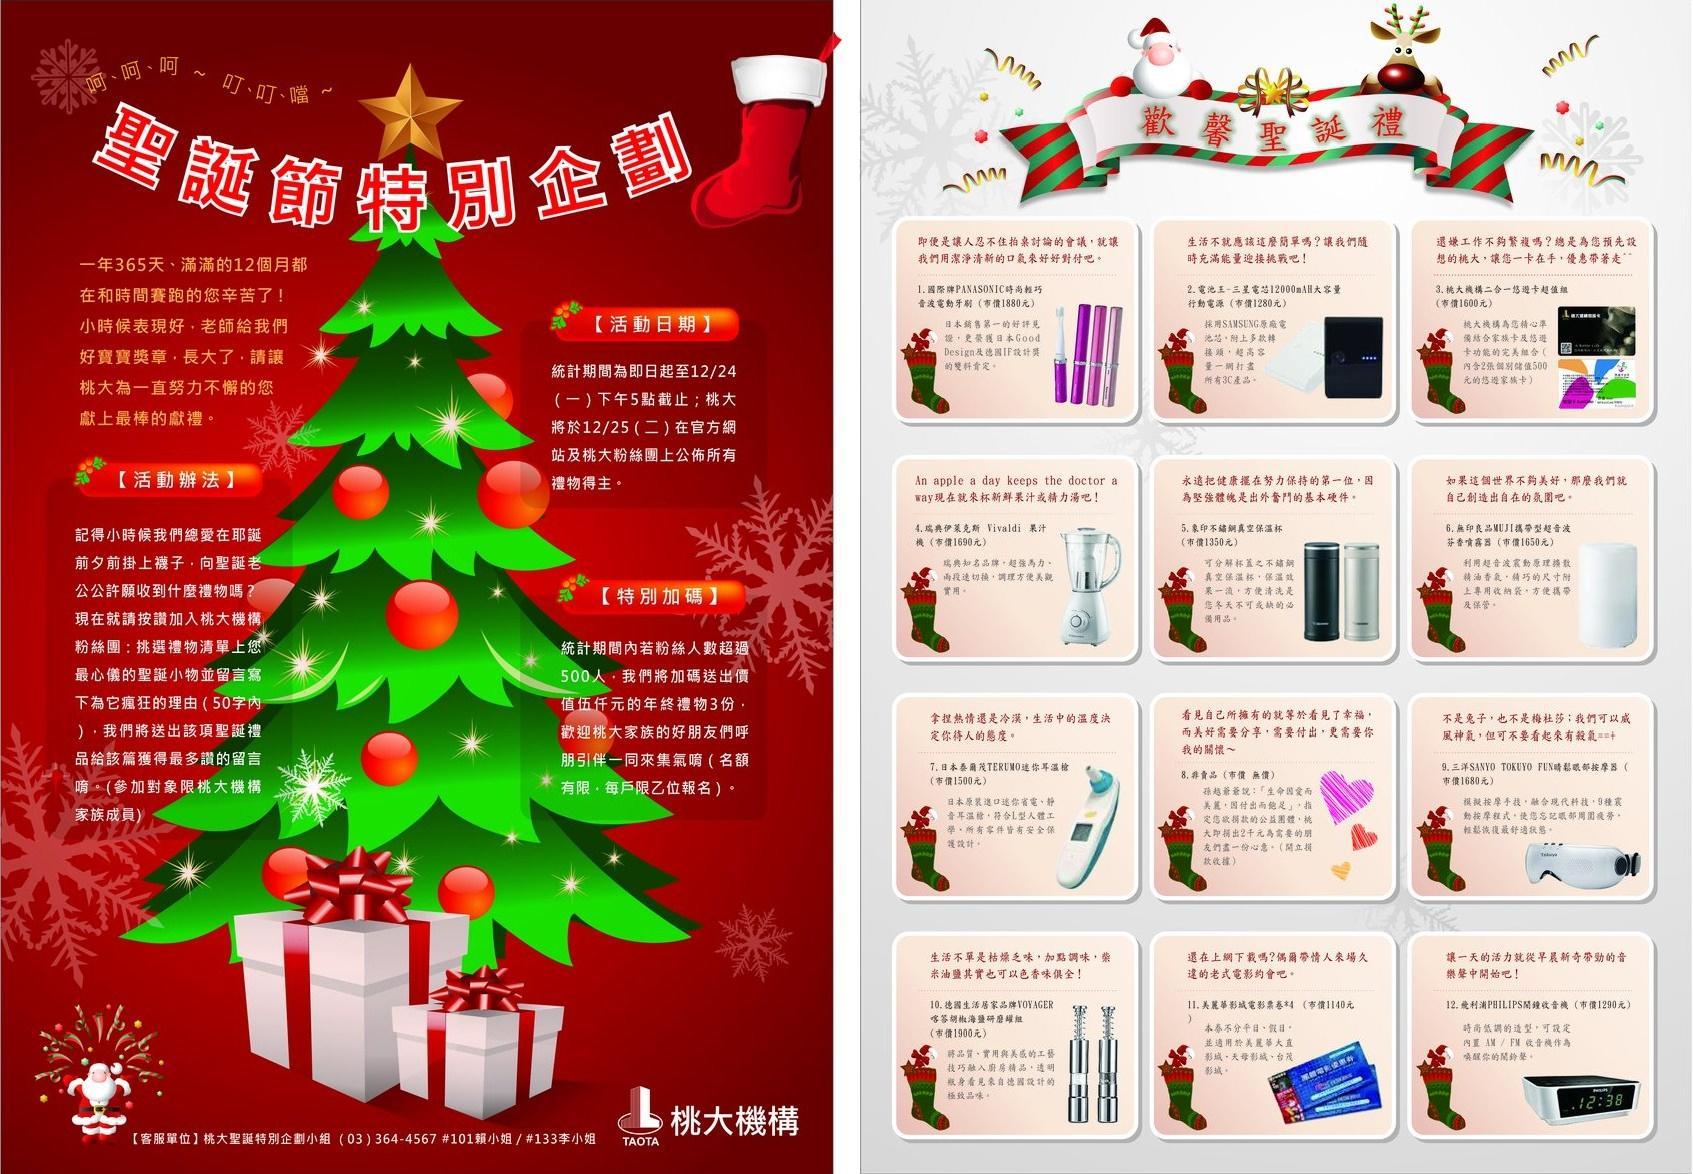 聖誕節活動企劃|活動- 聖誕節活動企劃|活動 - 快熱資訊 - 走進時代